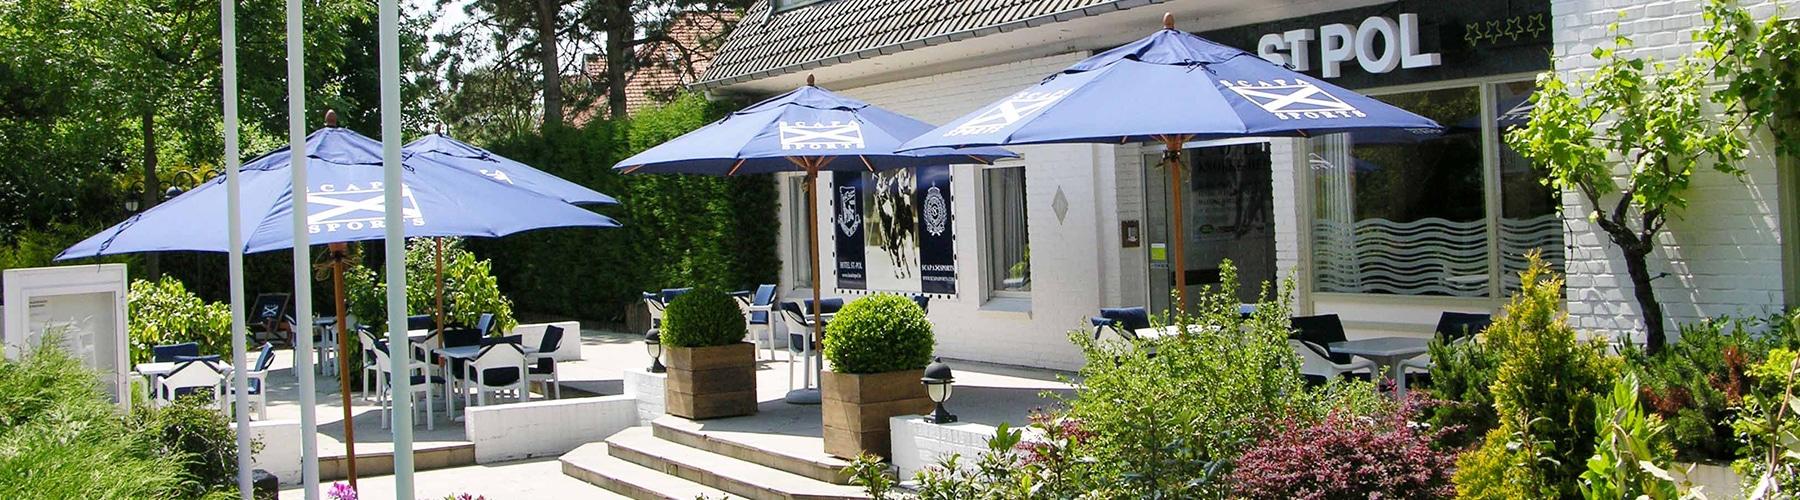 Hotel St Pol